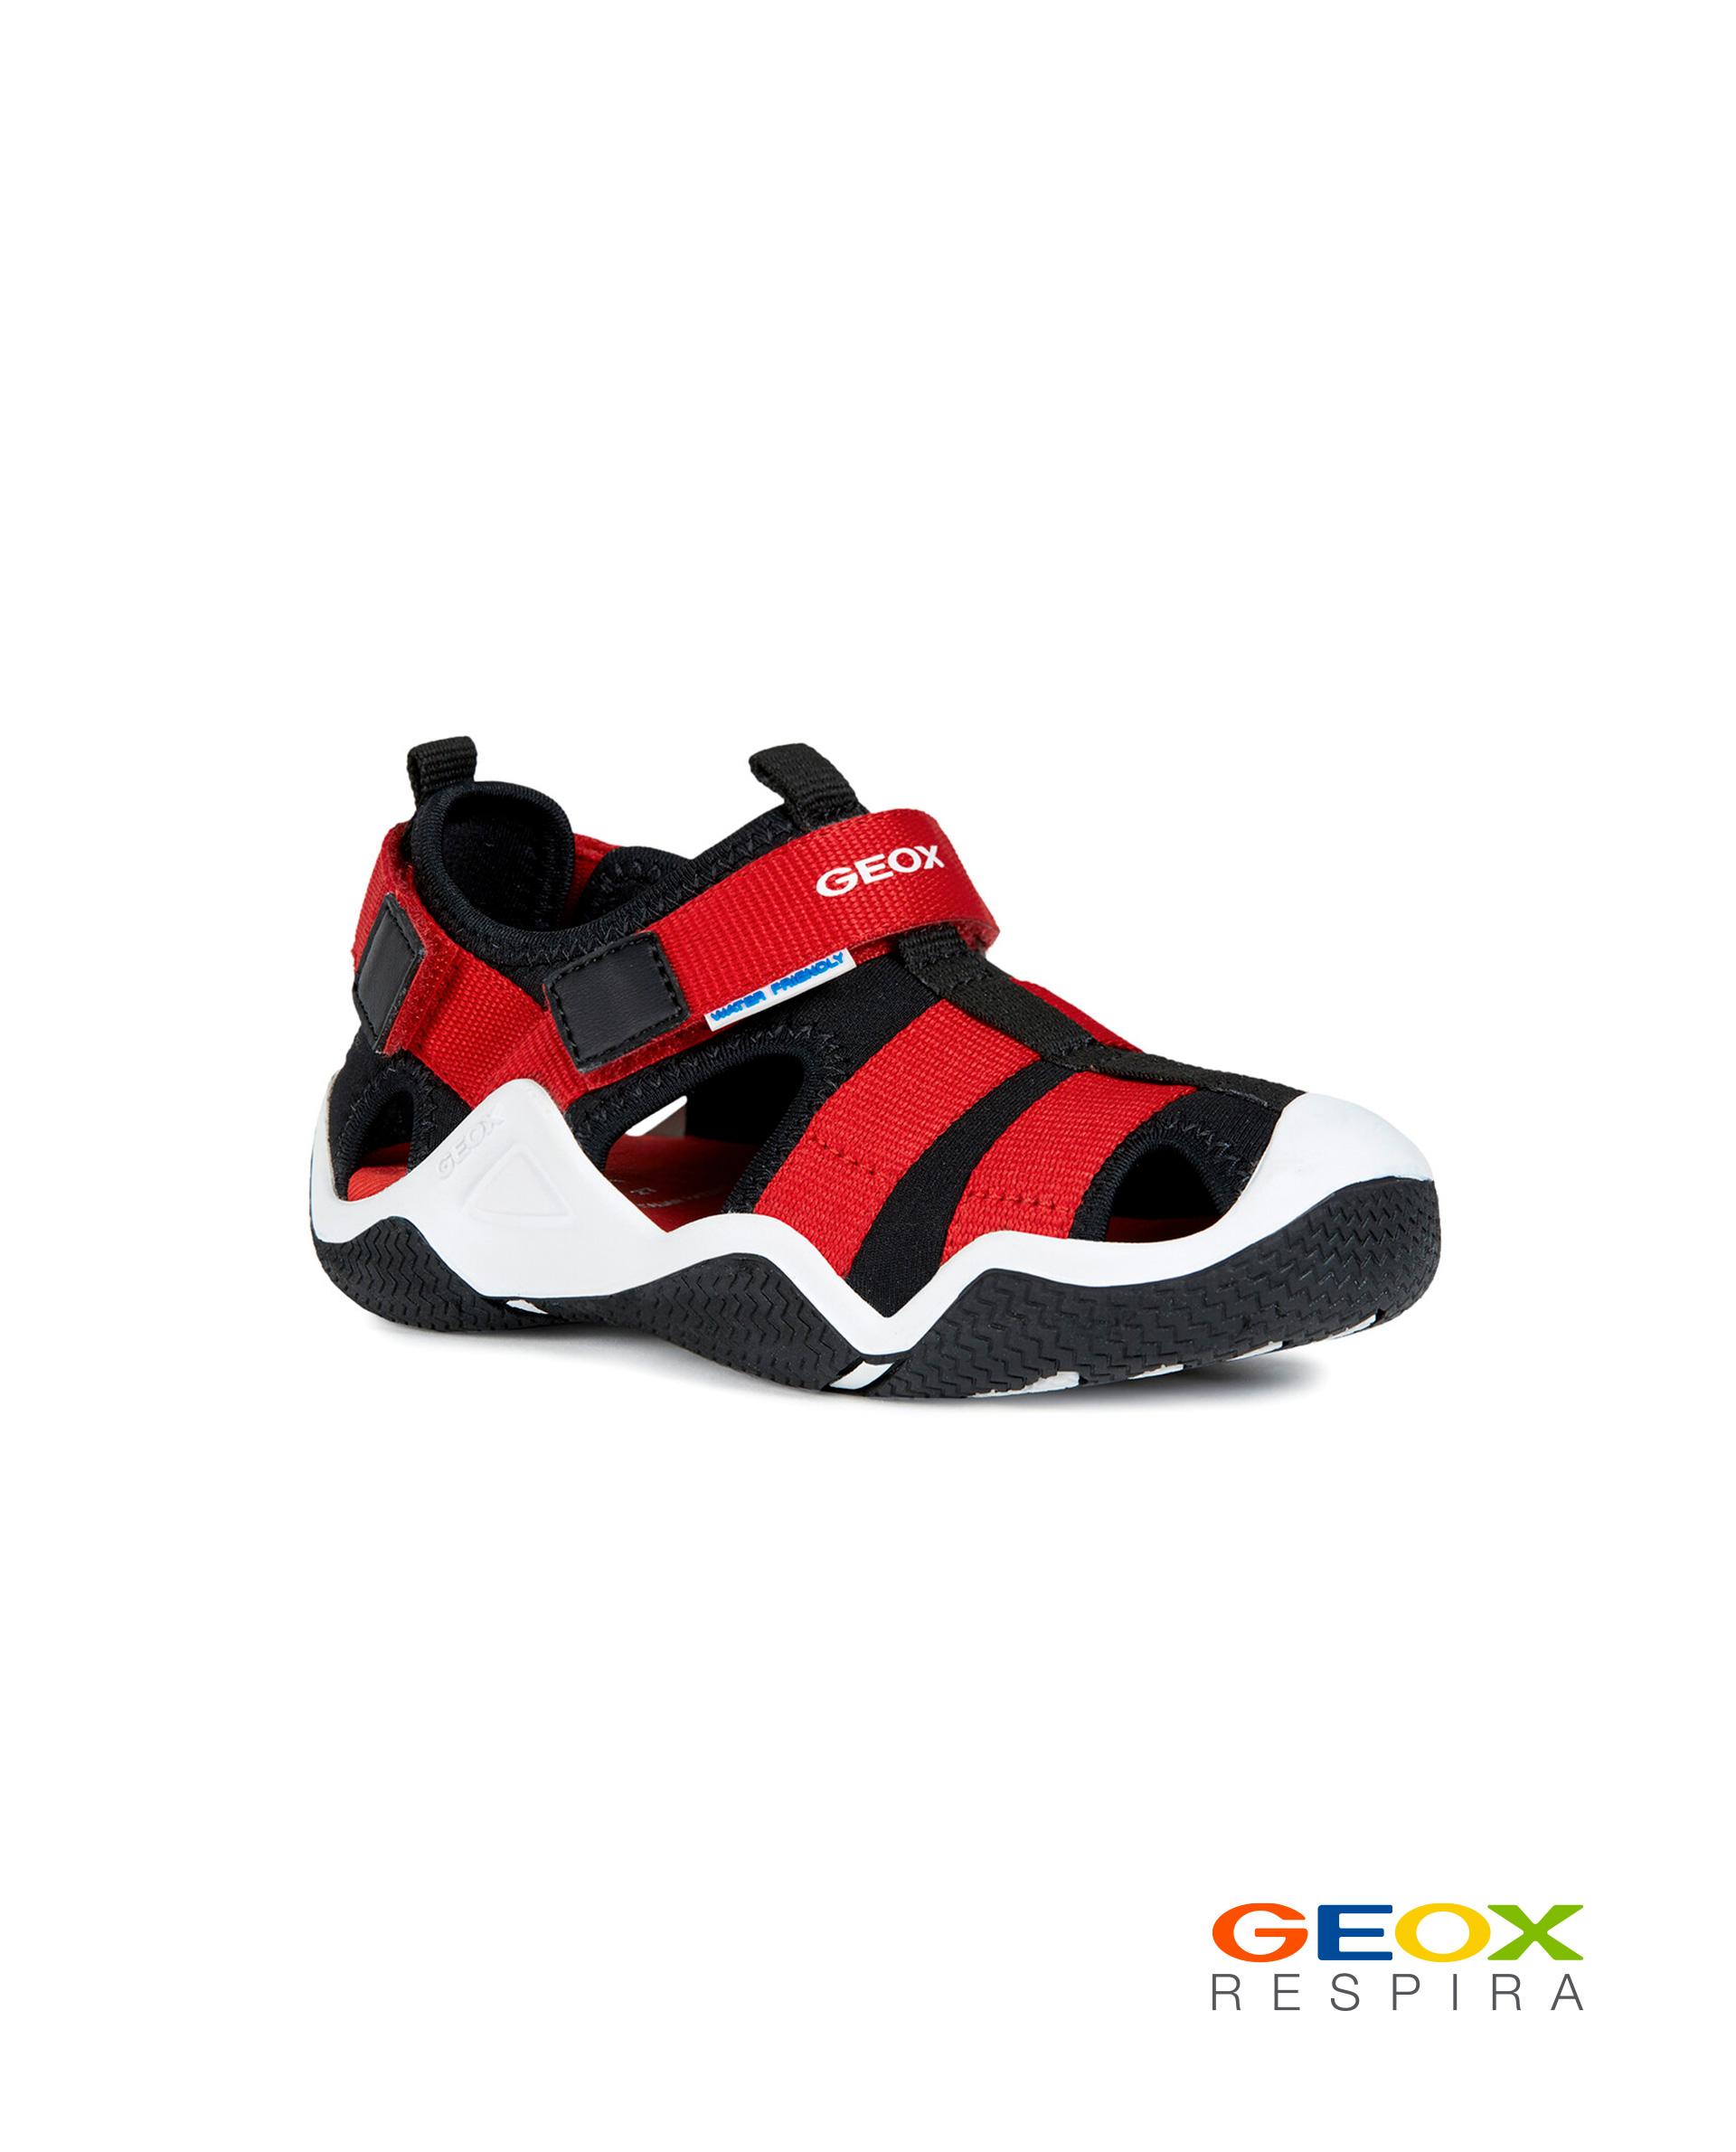 Купить J9230A01554C0048, Черно-красные сандалии Geox для мальчика, черный, 35, Мужской, ВЕСНА/ЛЕТО 2020 (shop: GulliverMarket Gulliver Market)